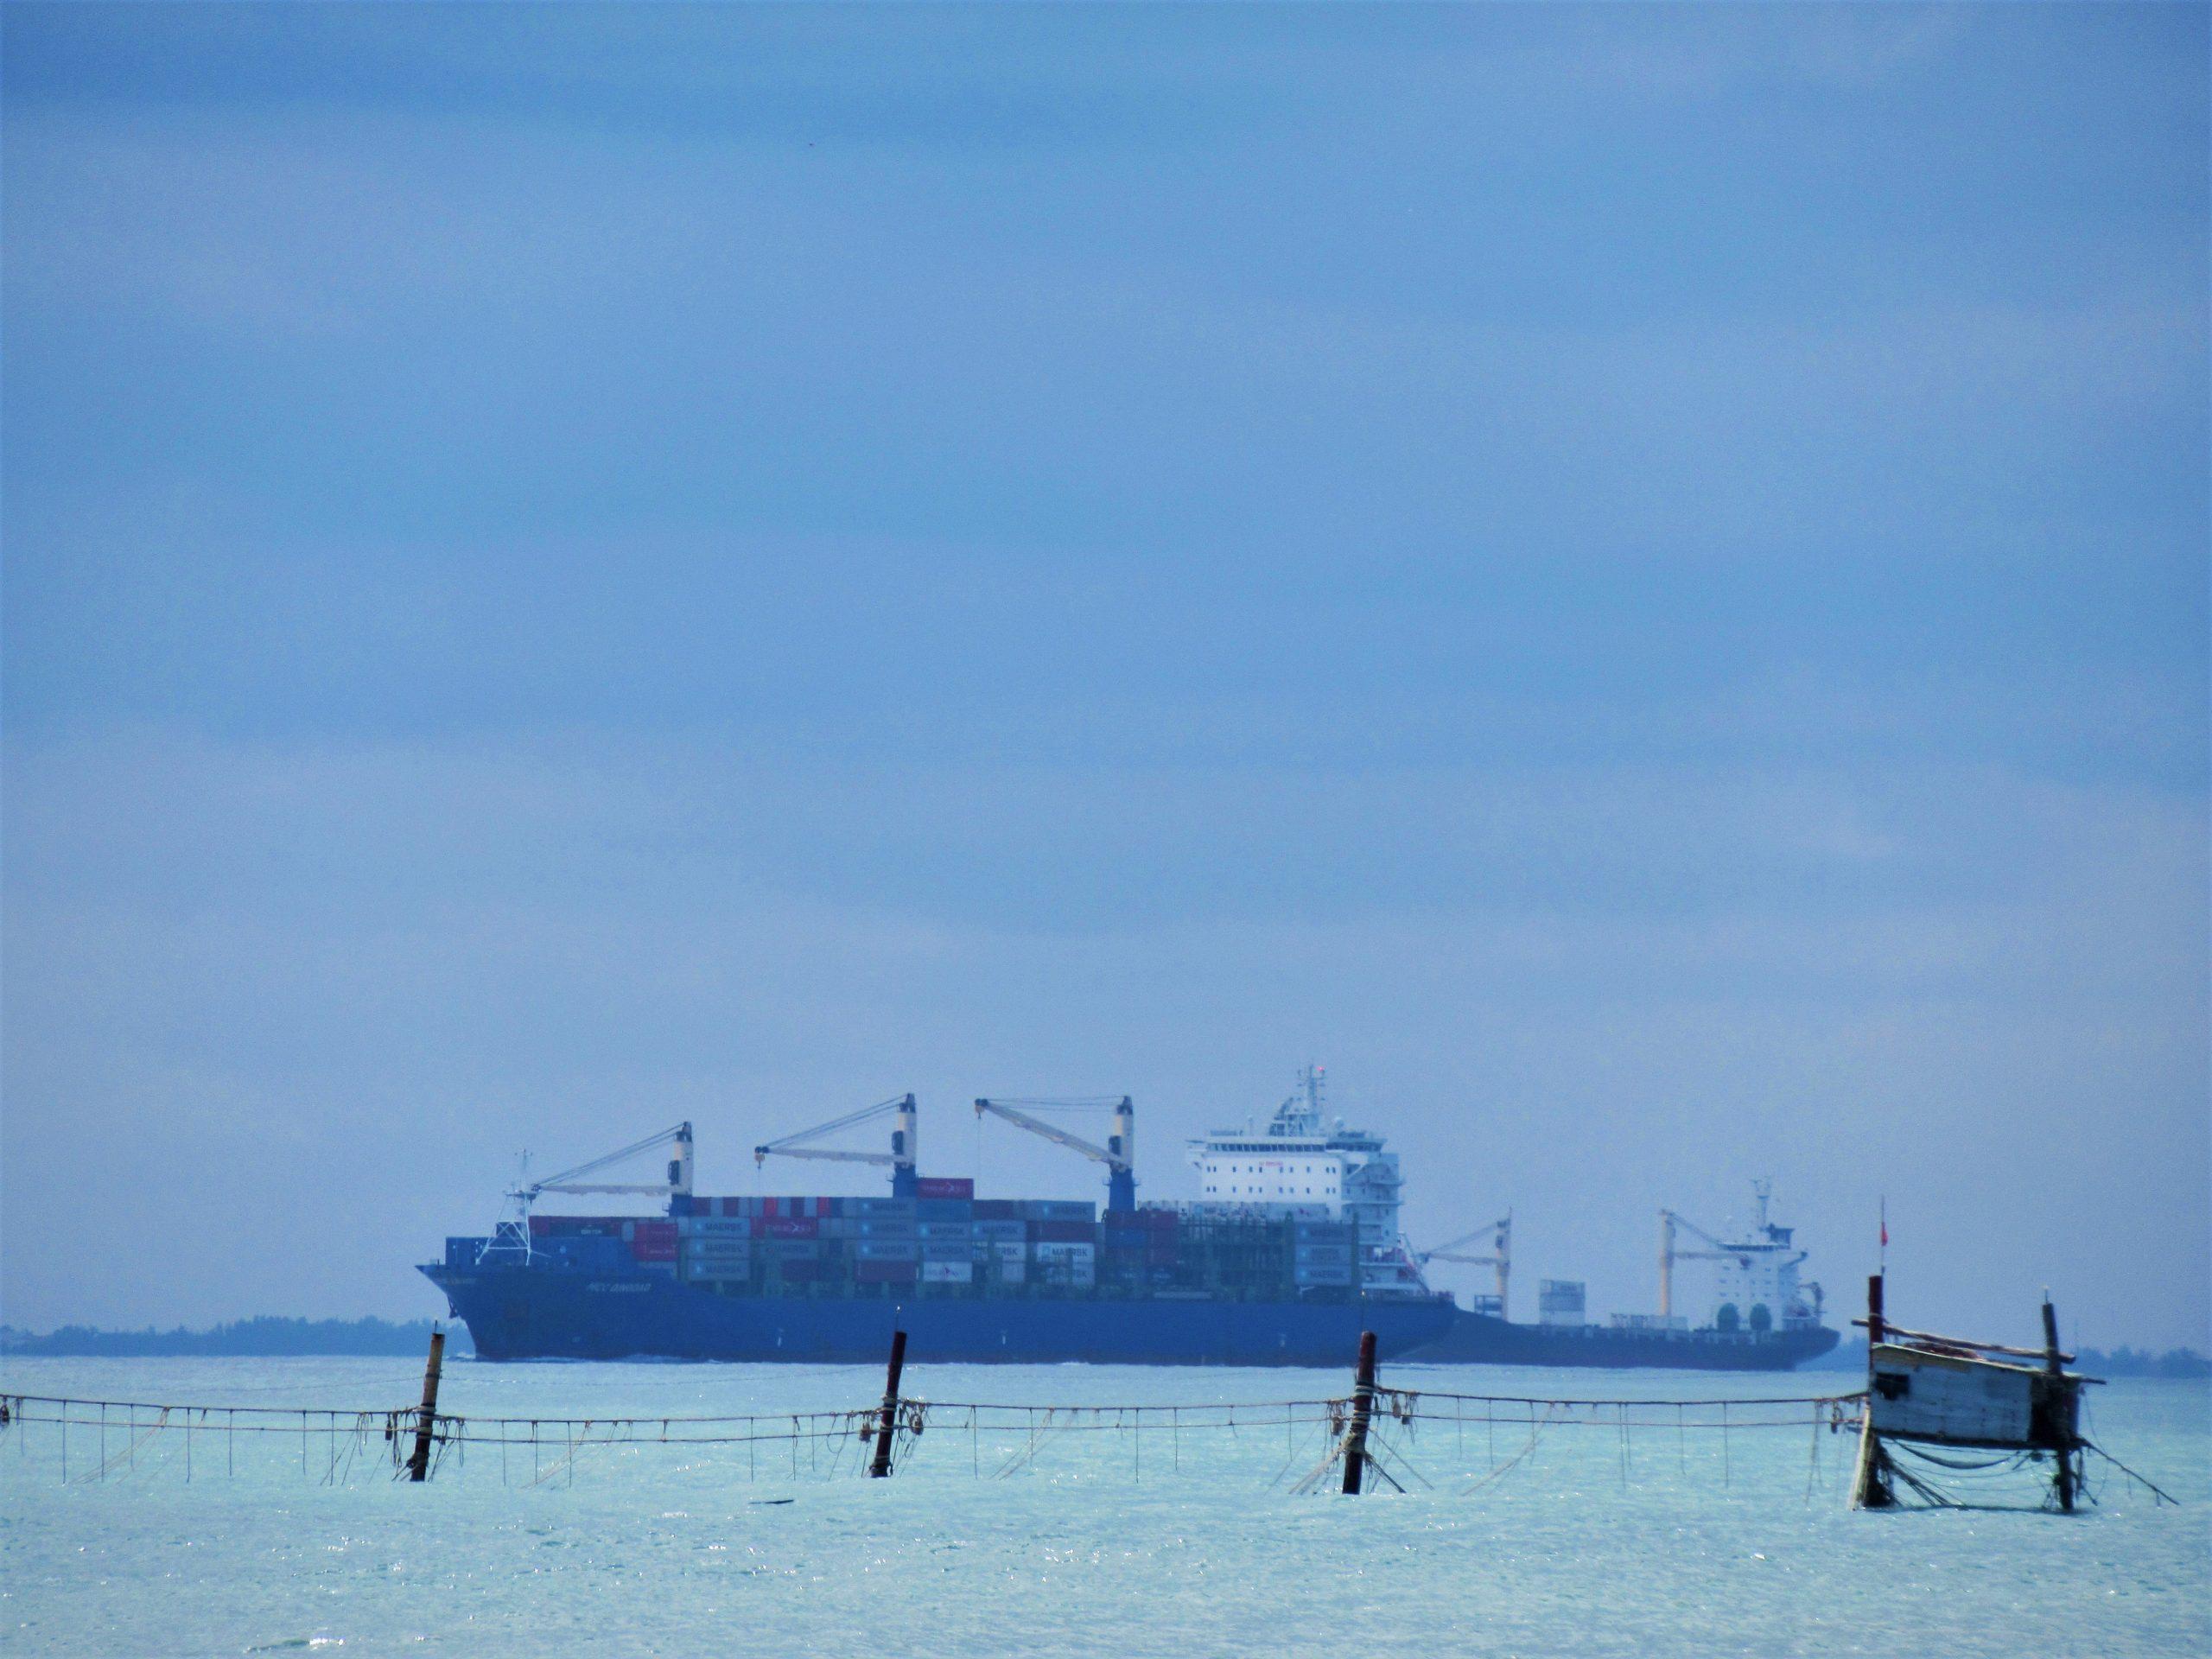 Tankers at sea, Vung Tau, Vietnam